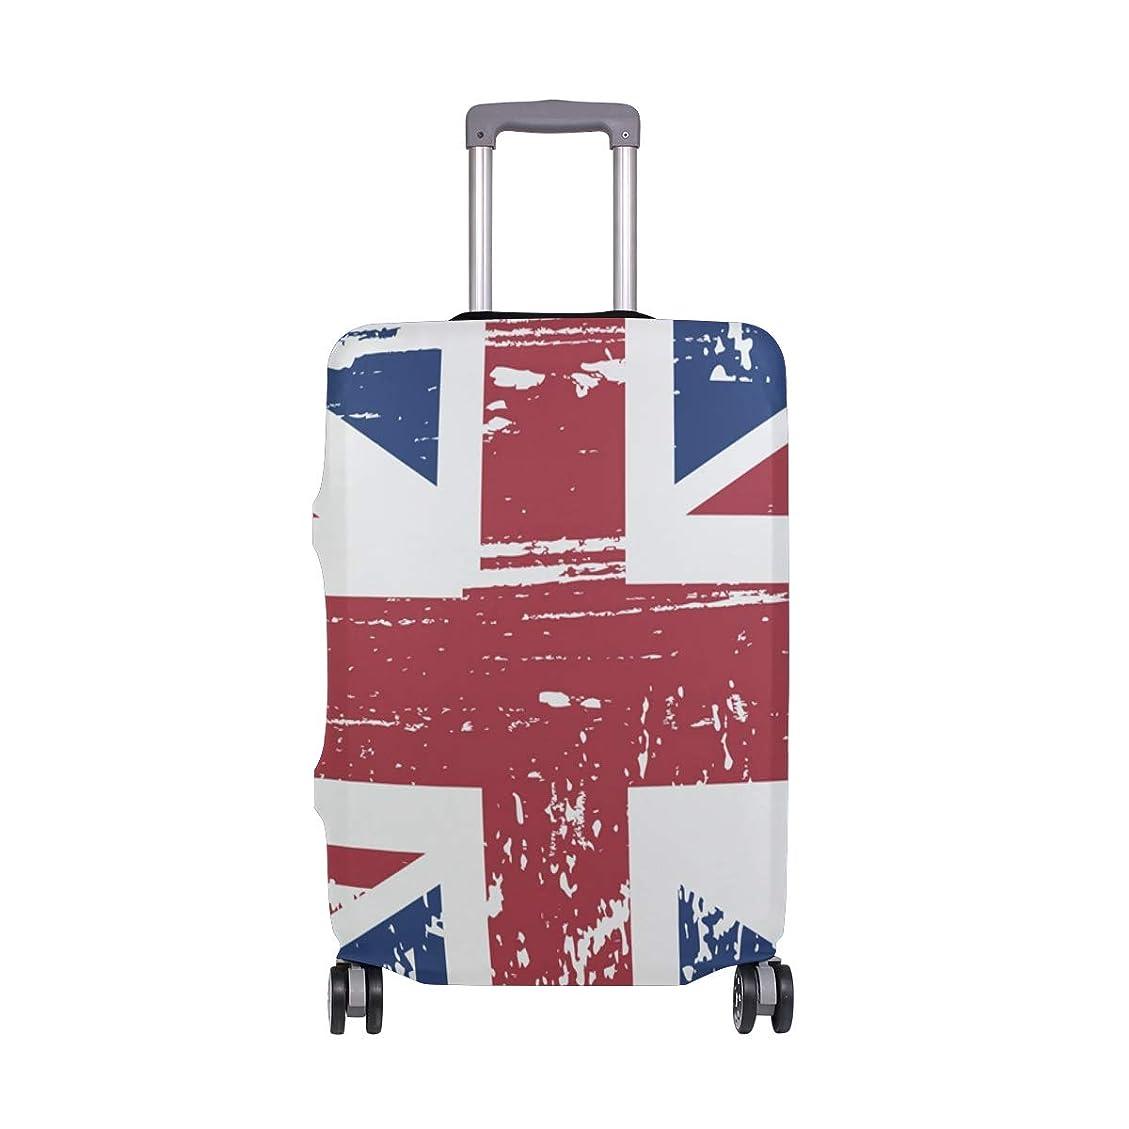 認可小さい繁栄ビンテージイギリス国旗 スーツケースカバー 弾性素材 おしゃれ トラベルダストカバー 傷防止 防塵カバー 洗える 18-32インチの荷物にフィット